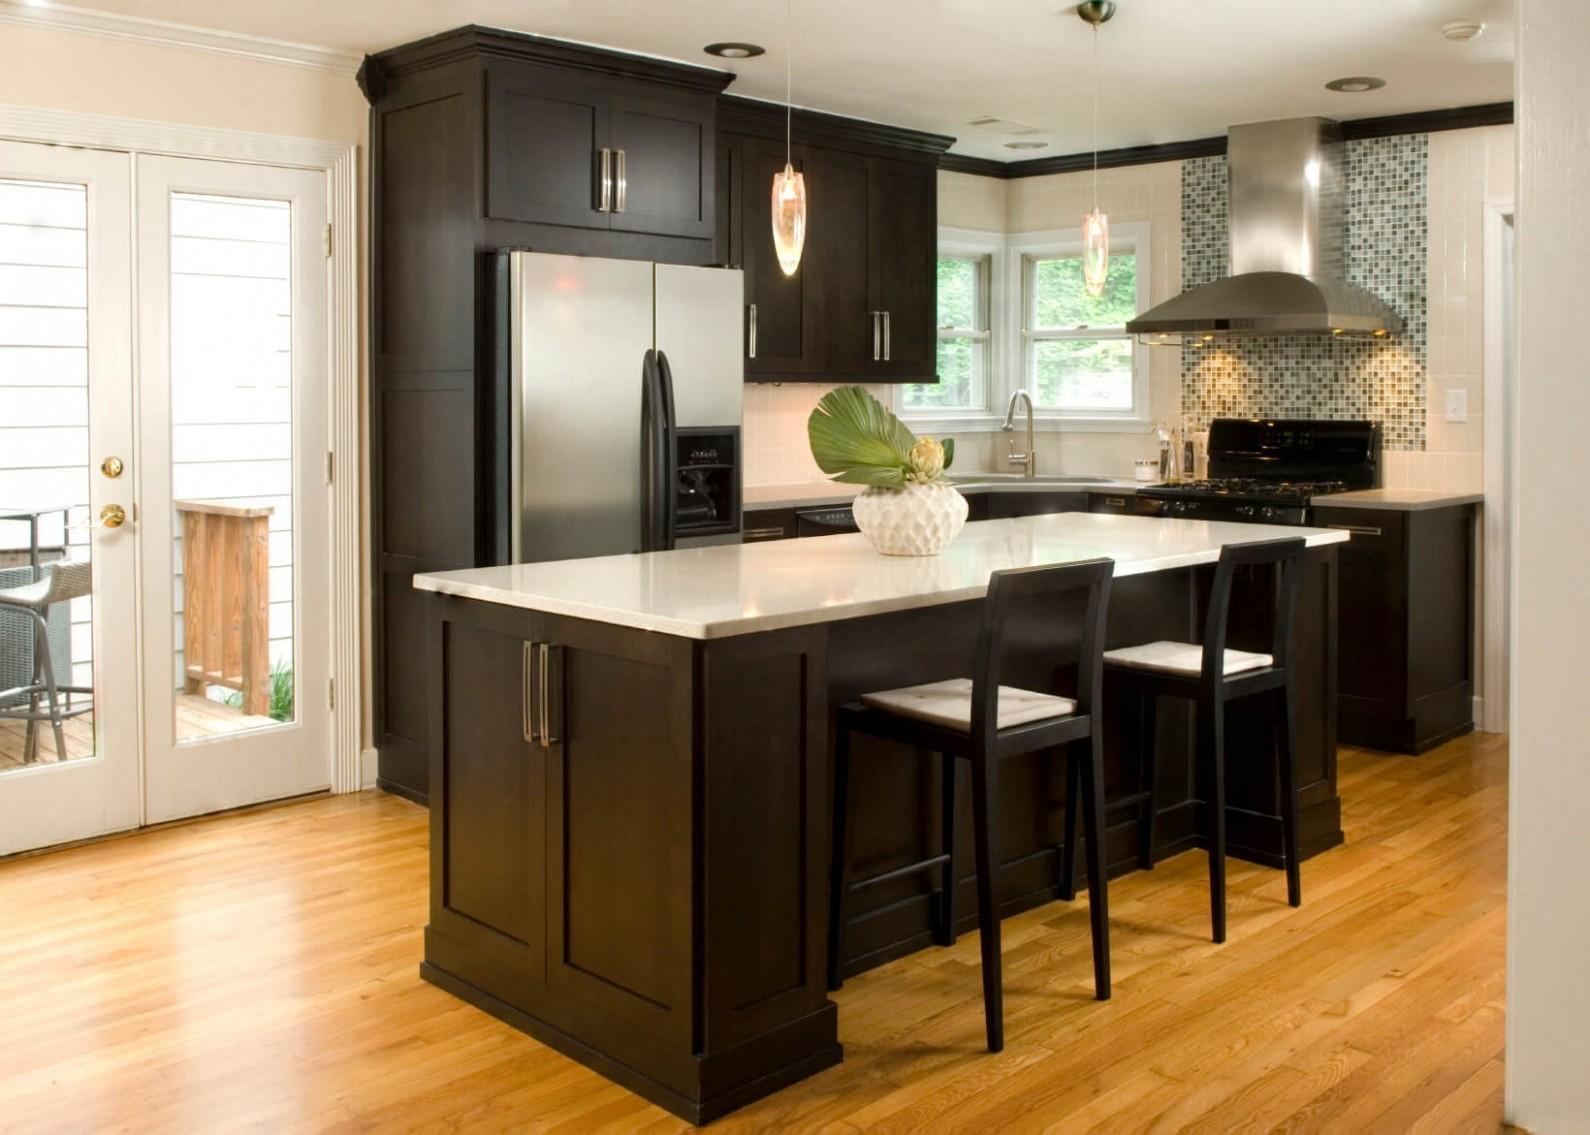 Kitchen Design Tips For Dark Kitchen Cabinets - - New Yorker Kitchen Cabinets